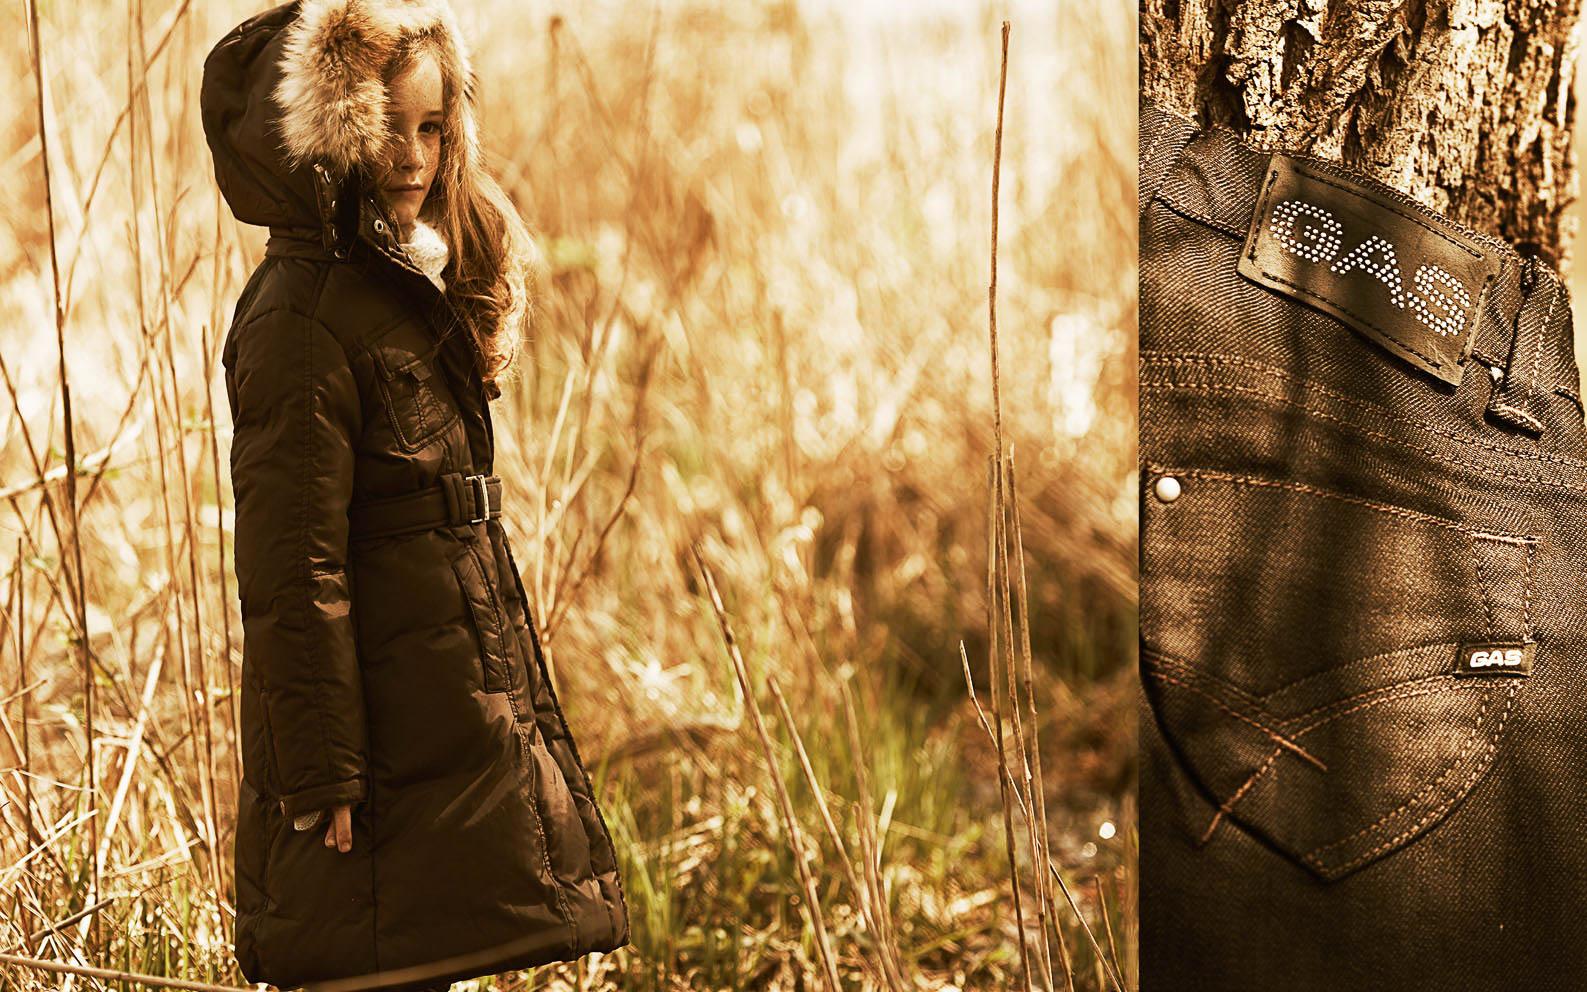 Portrait photography - Photograph